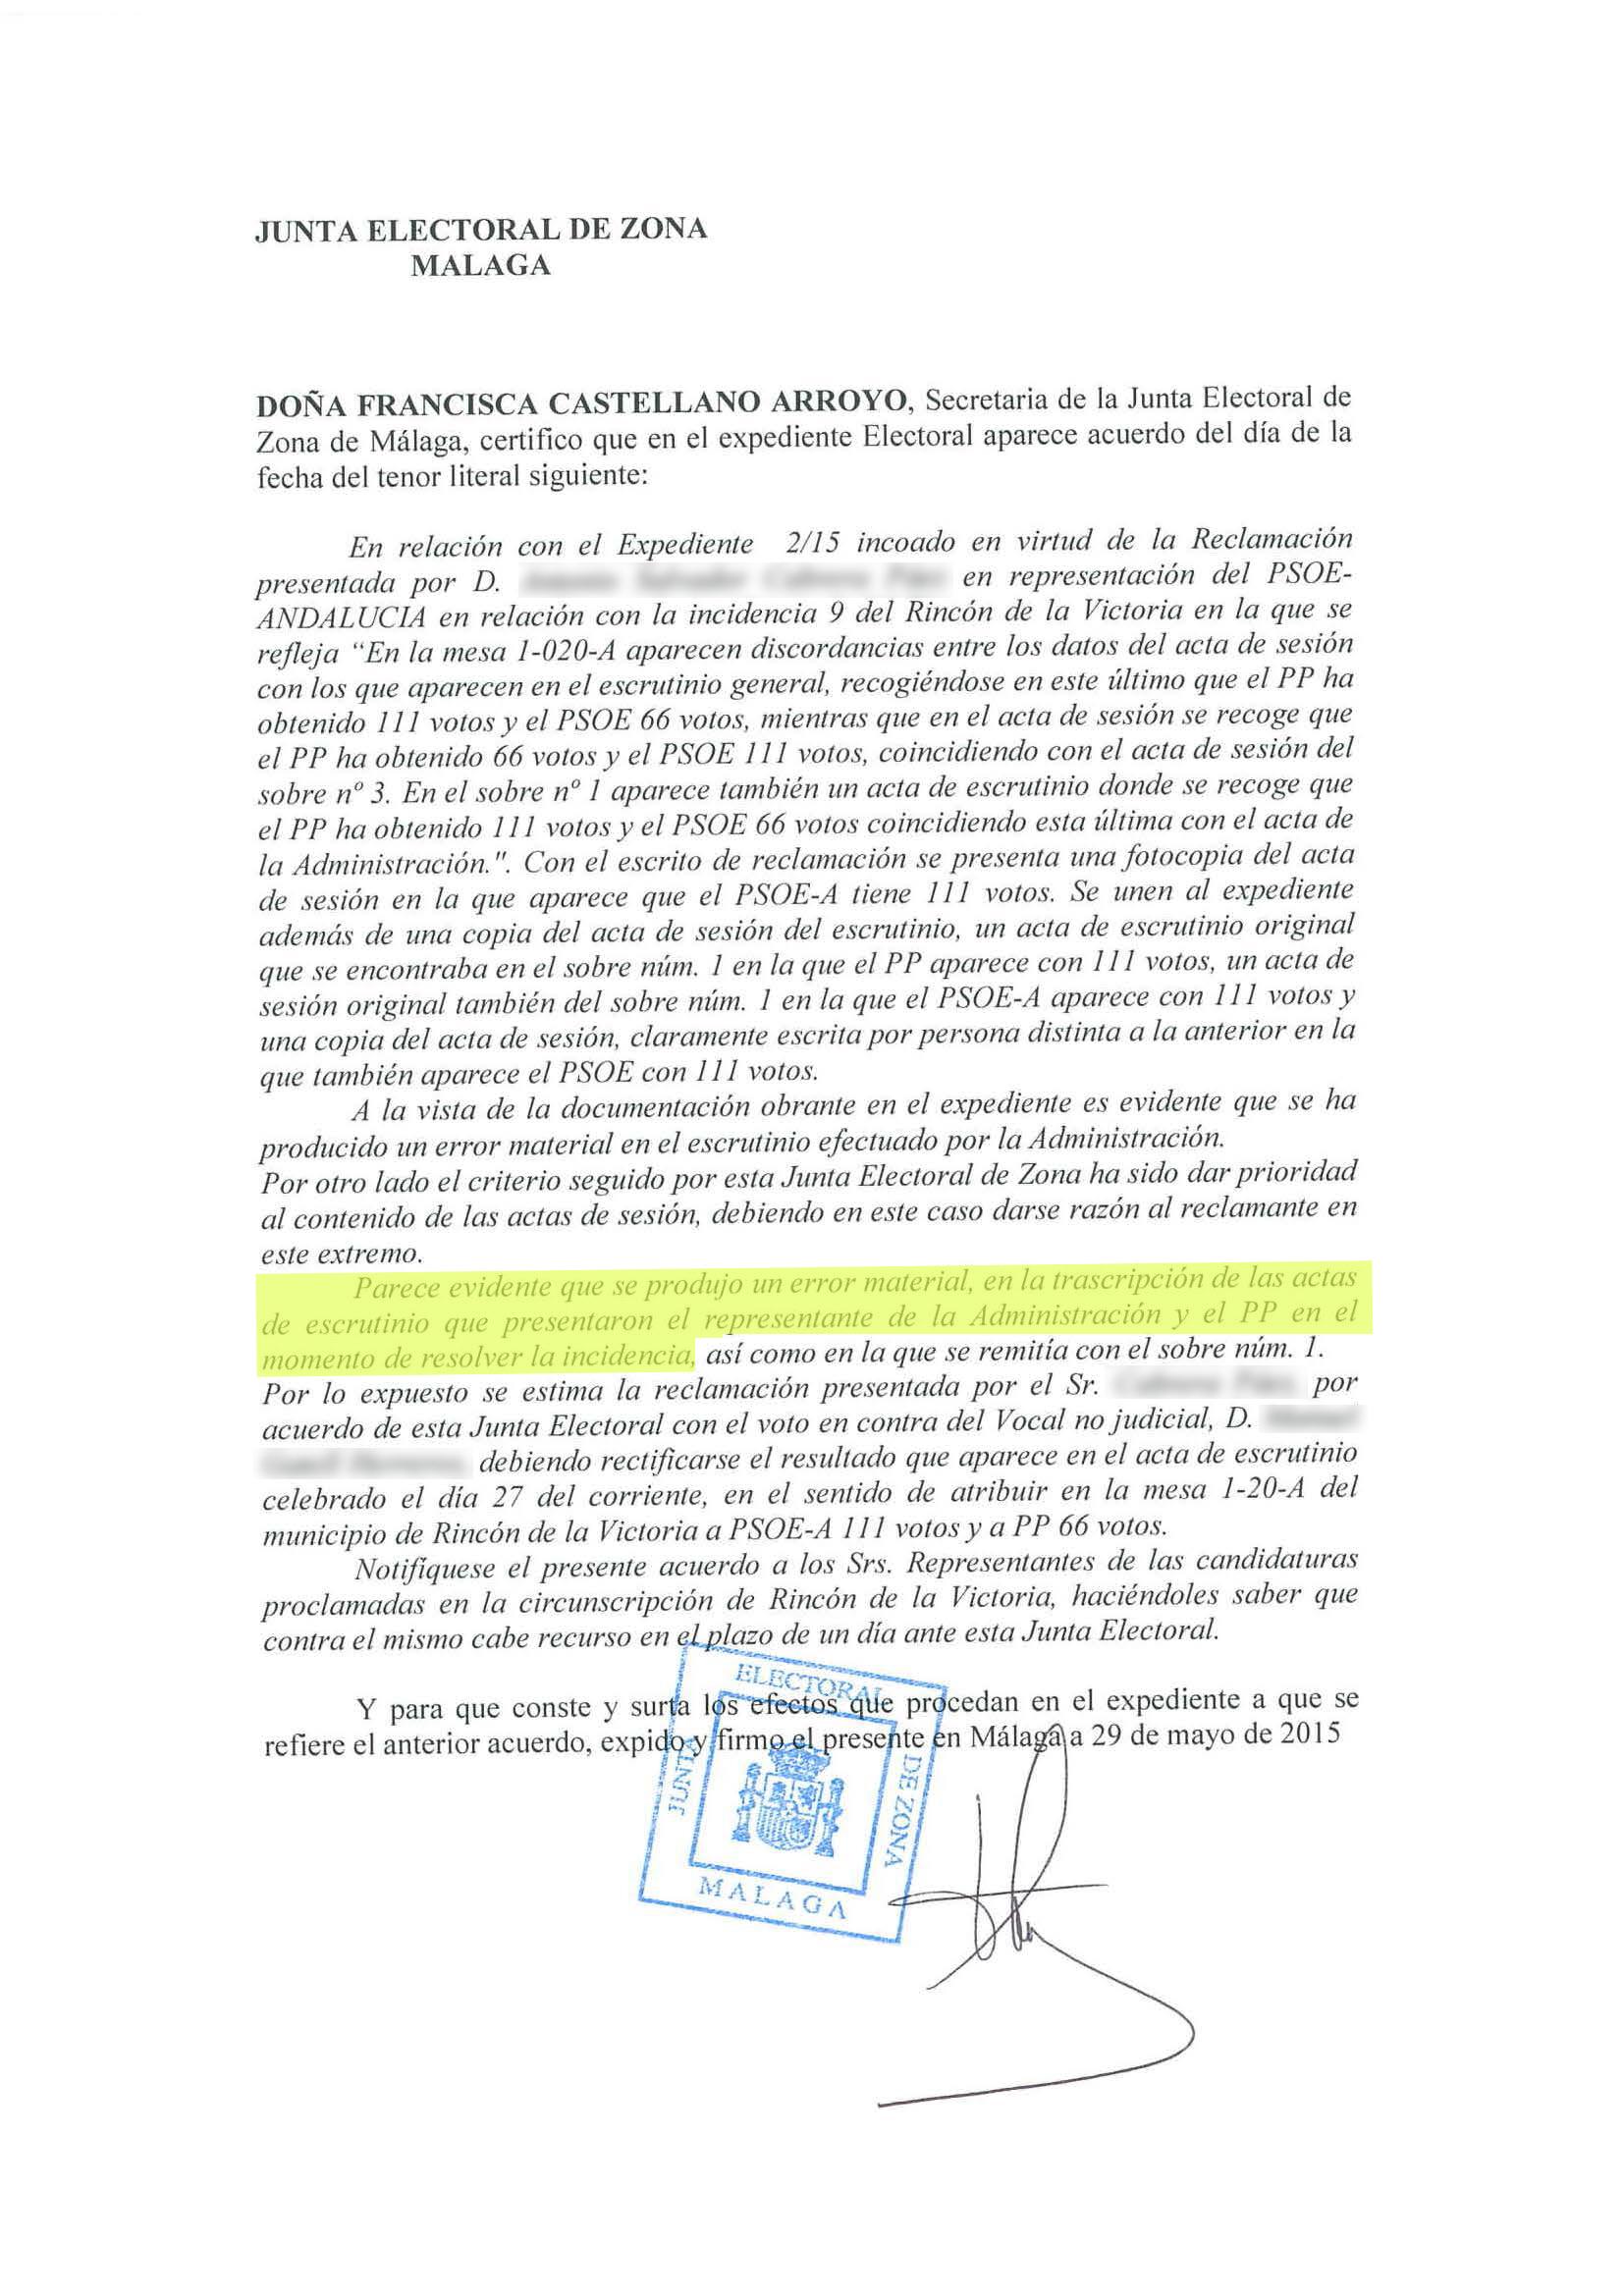 Arrinconados Resolución del PSOE